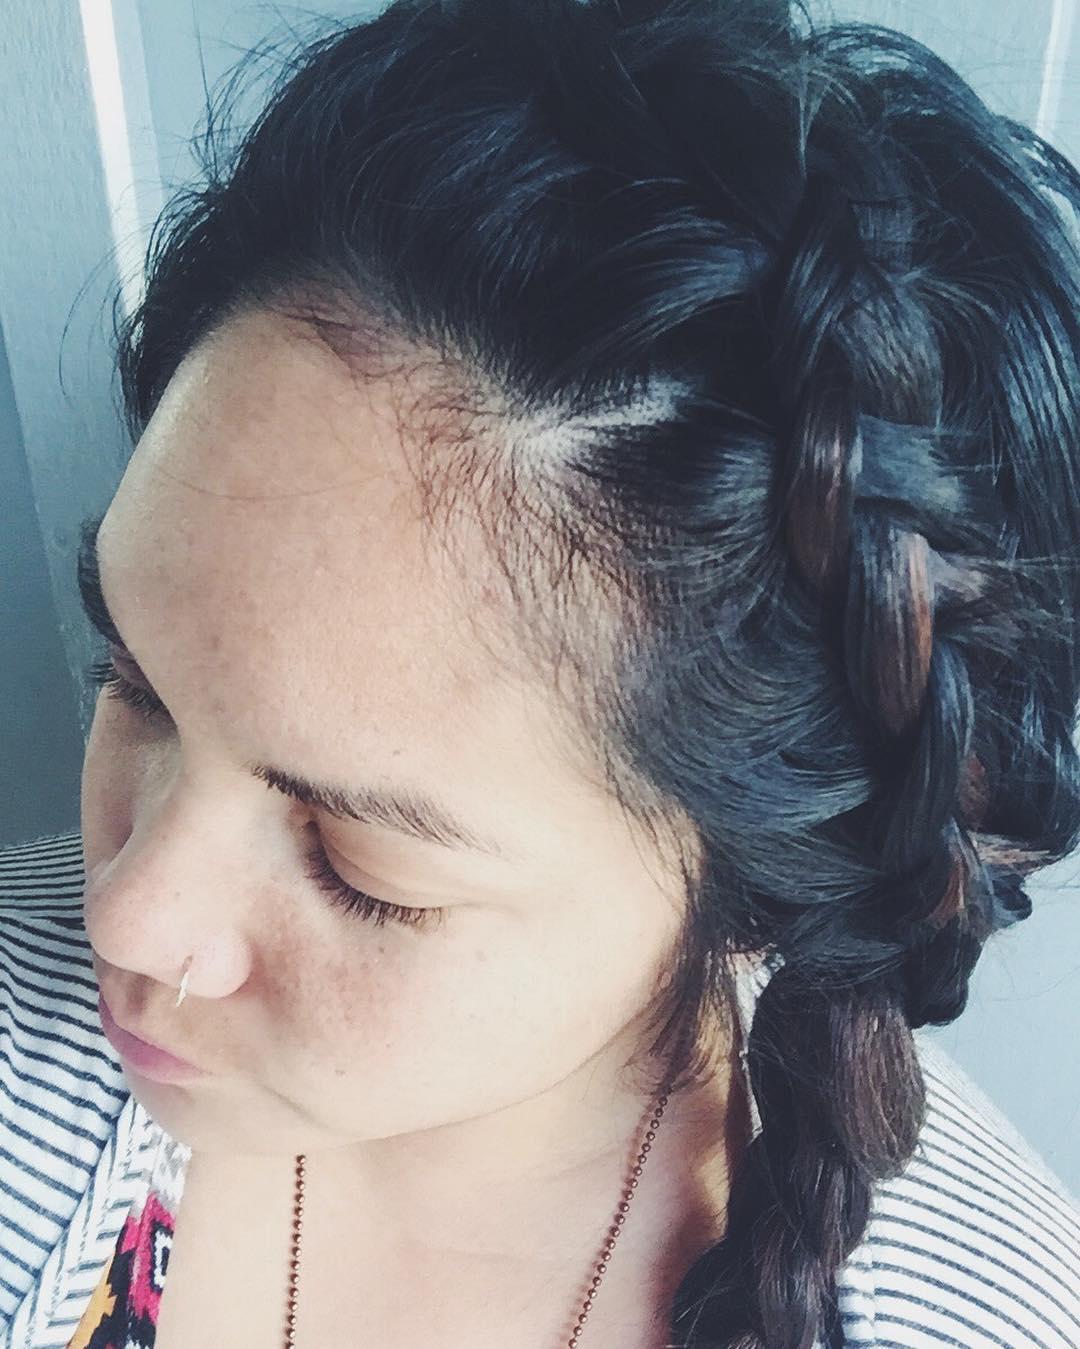 Cute Side Braid Hairstyle